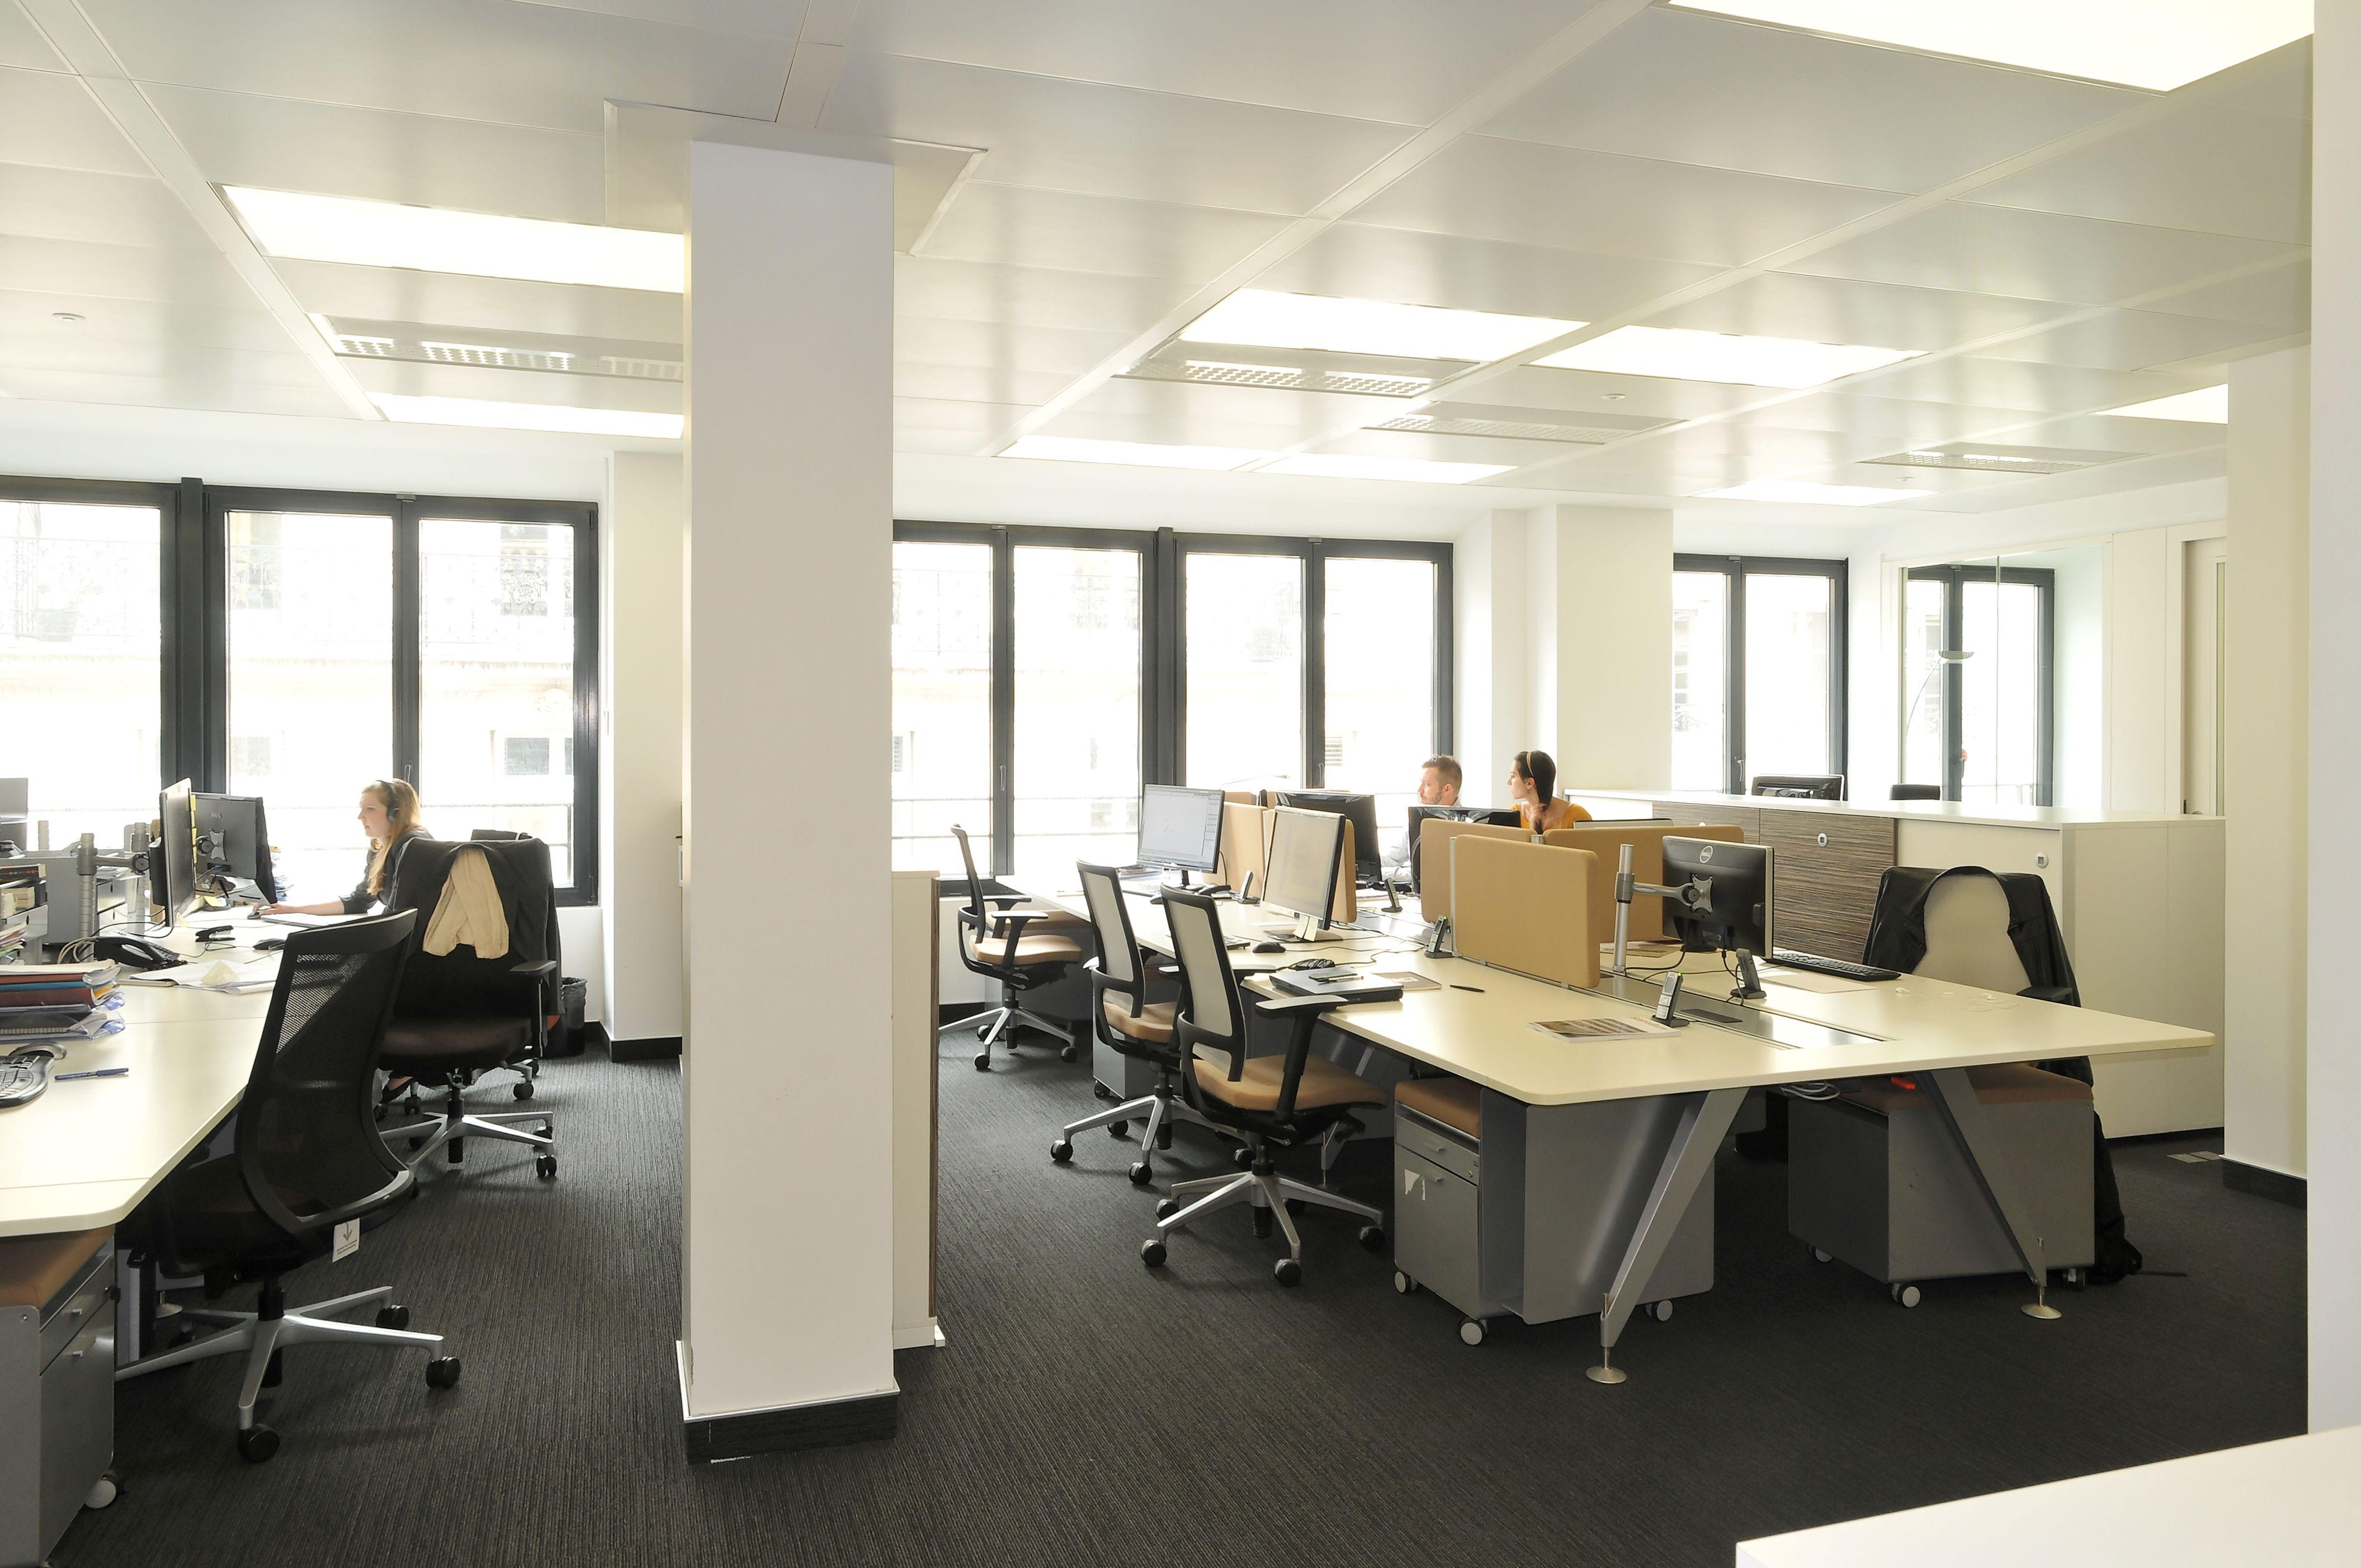 Aménagement open space par cléram. #style #design #bureau